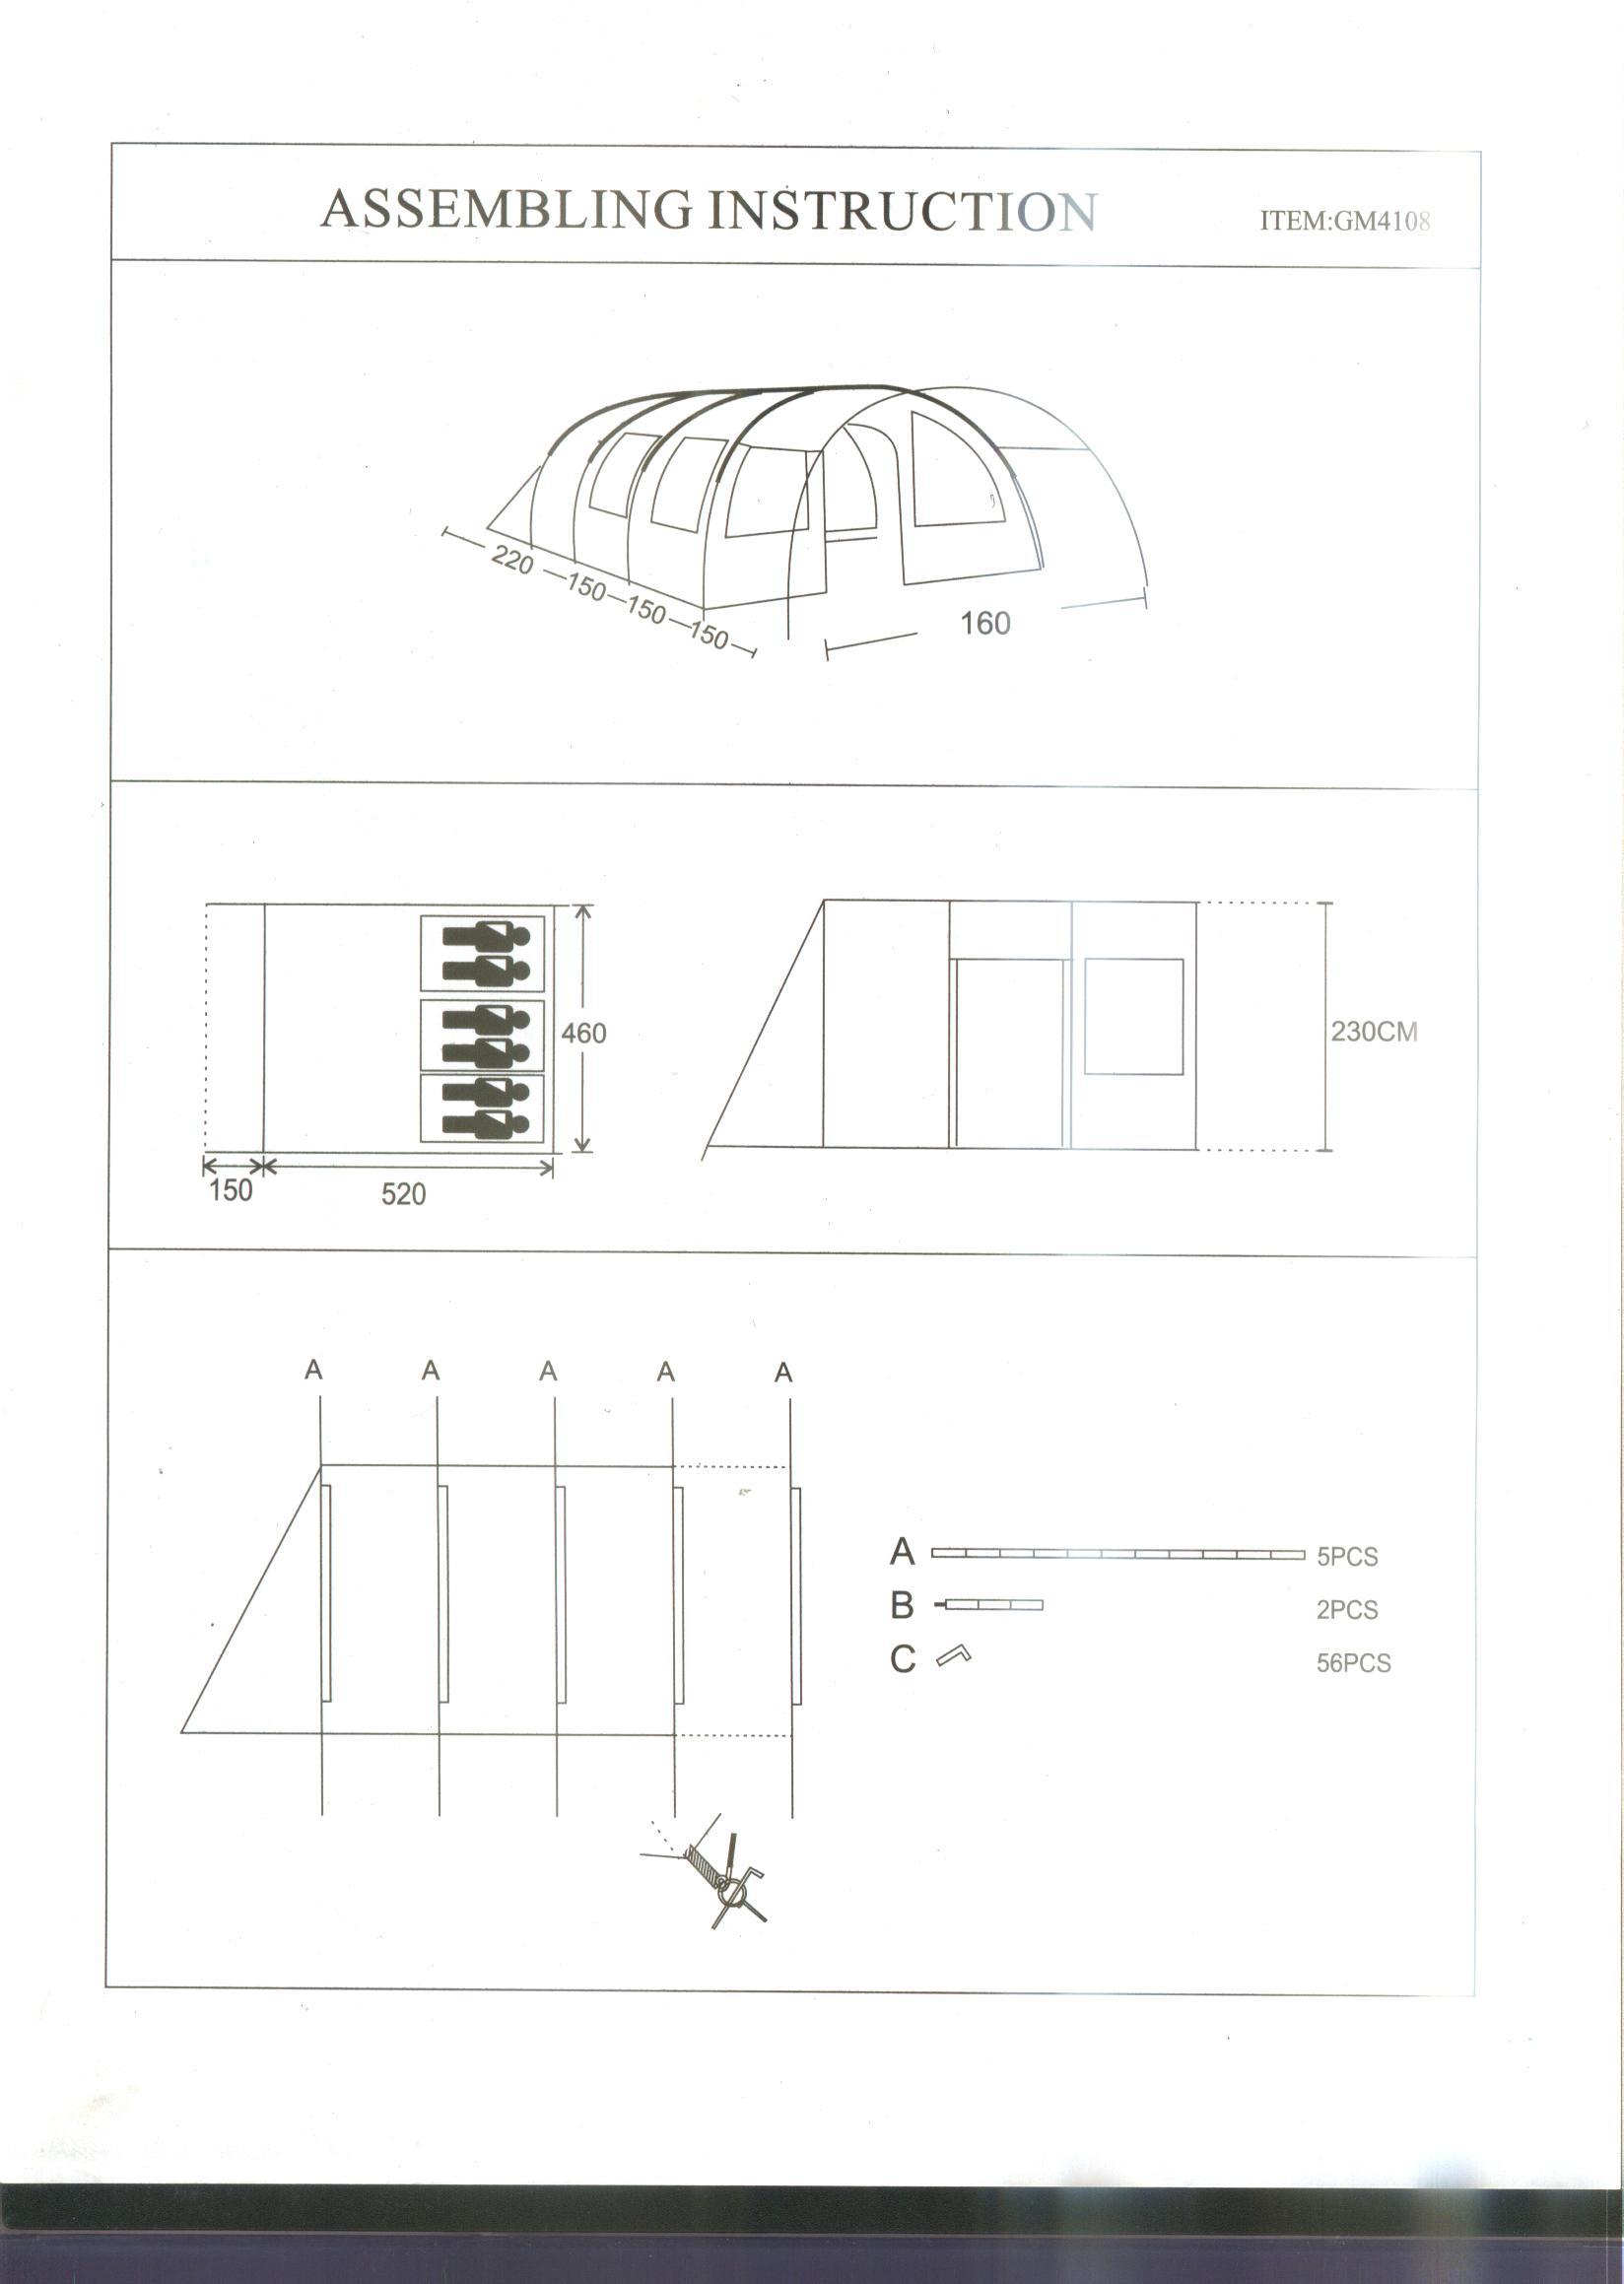 用cad软件画10张简单的平面图